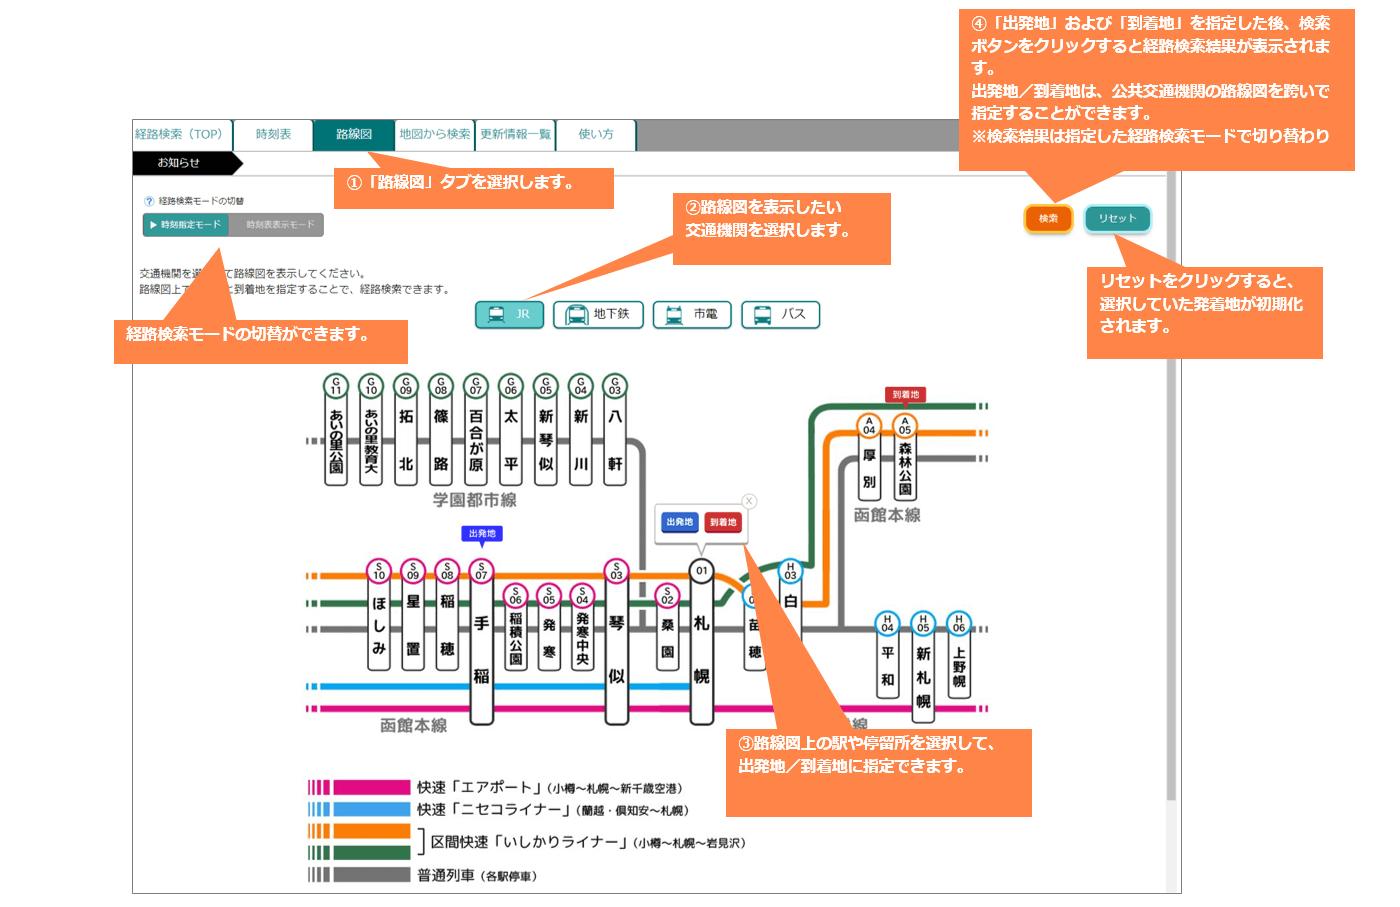 バスナビ 札幌 えき 北海道中央バス株式会社